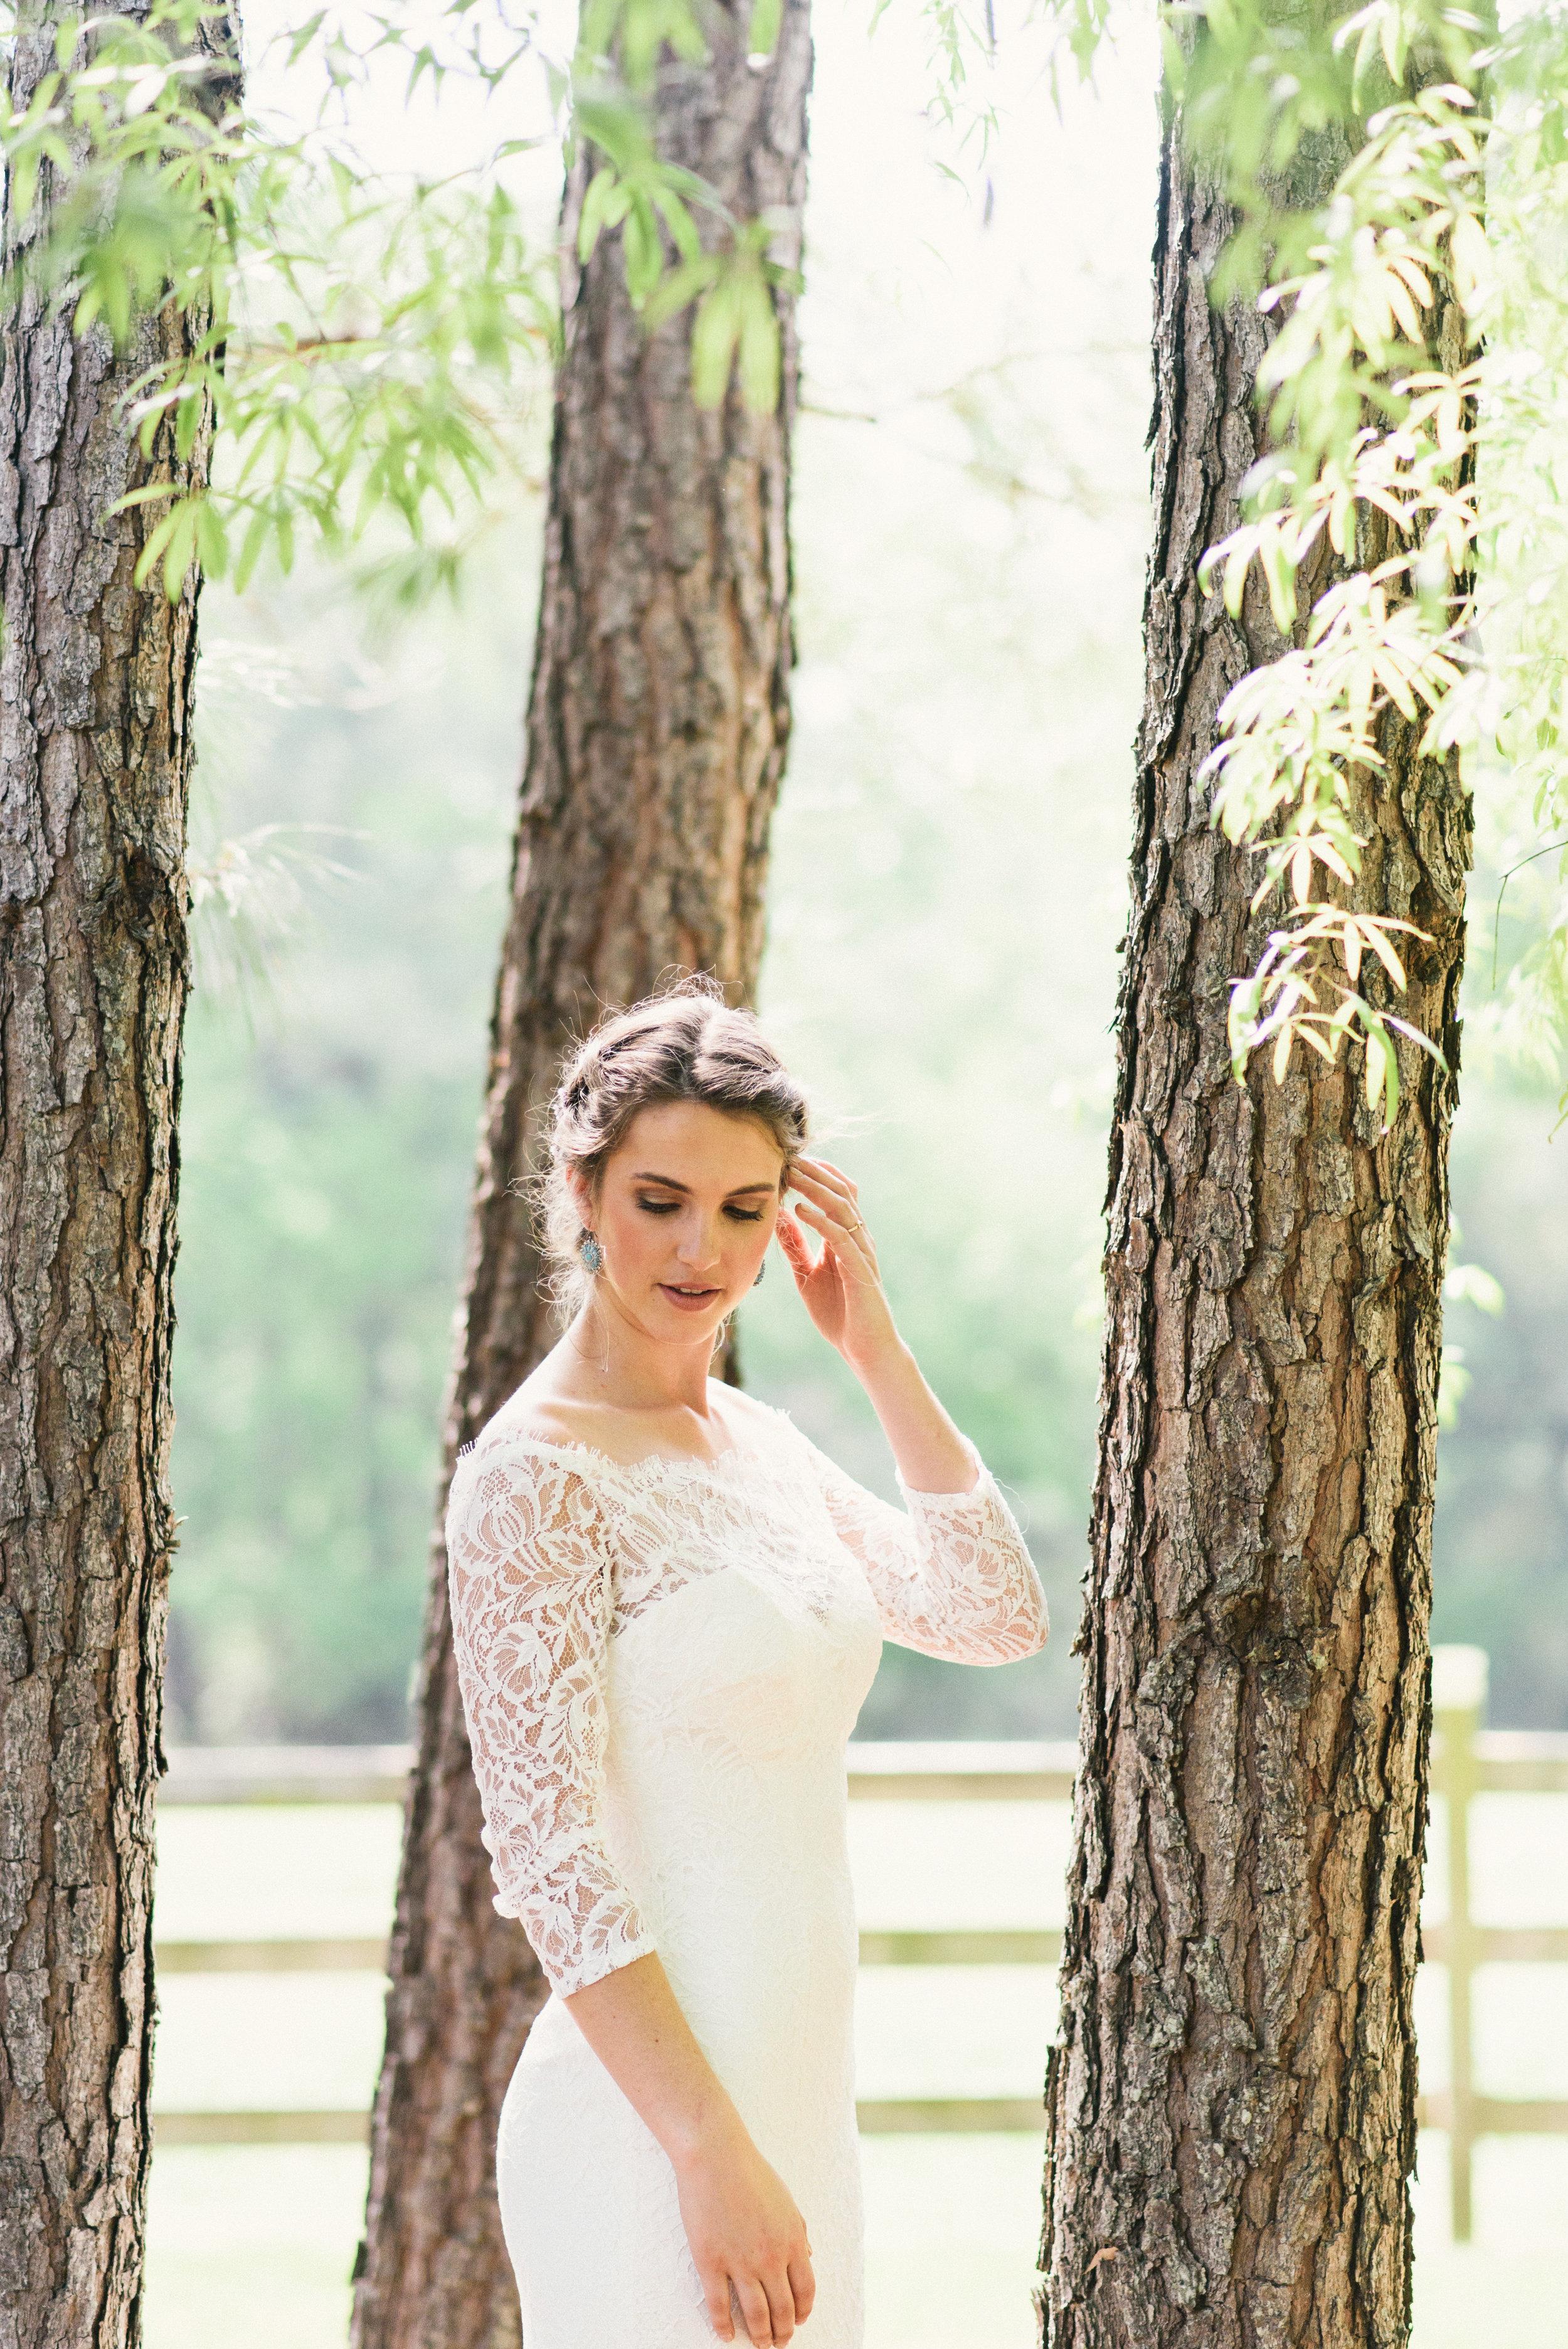 raleigh-elopement-photographer-raleigh-durham-wedding-maddie-and-devin- (36 of 162).jpg